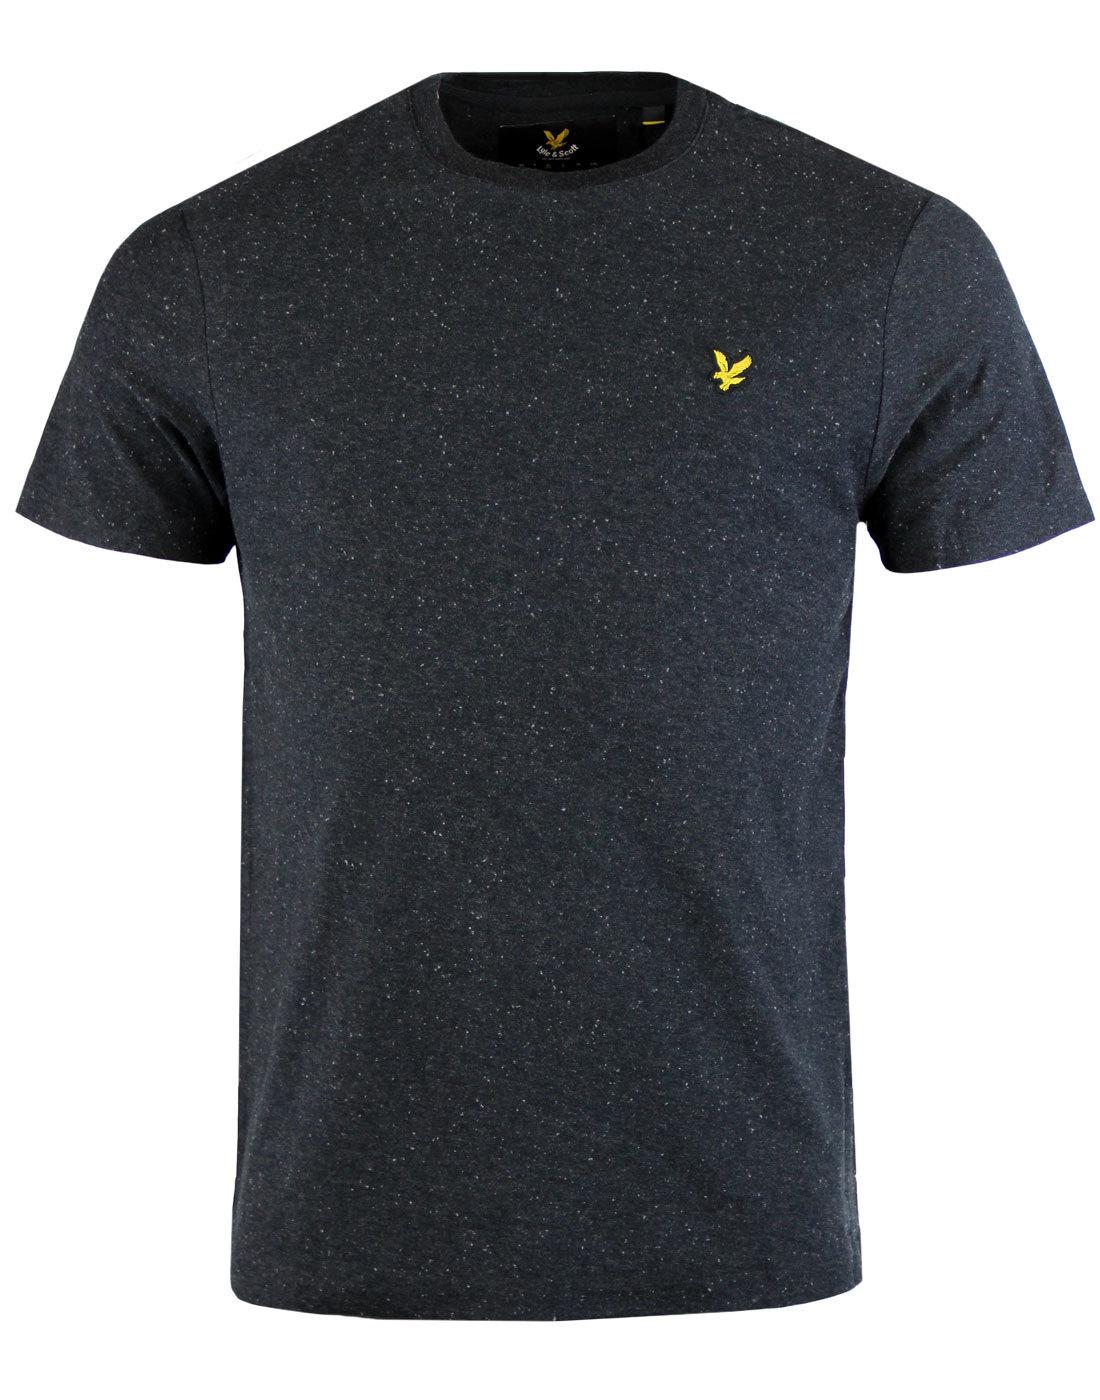 LYLE & SCOTT Retro Brushed Flecked Crew T-shirt